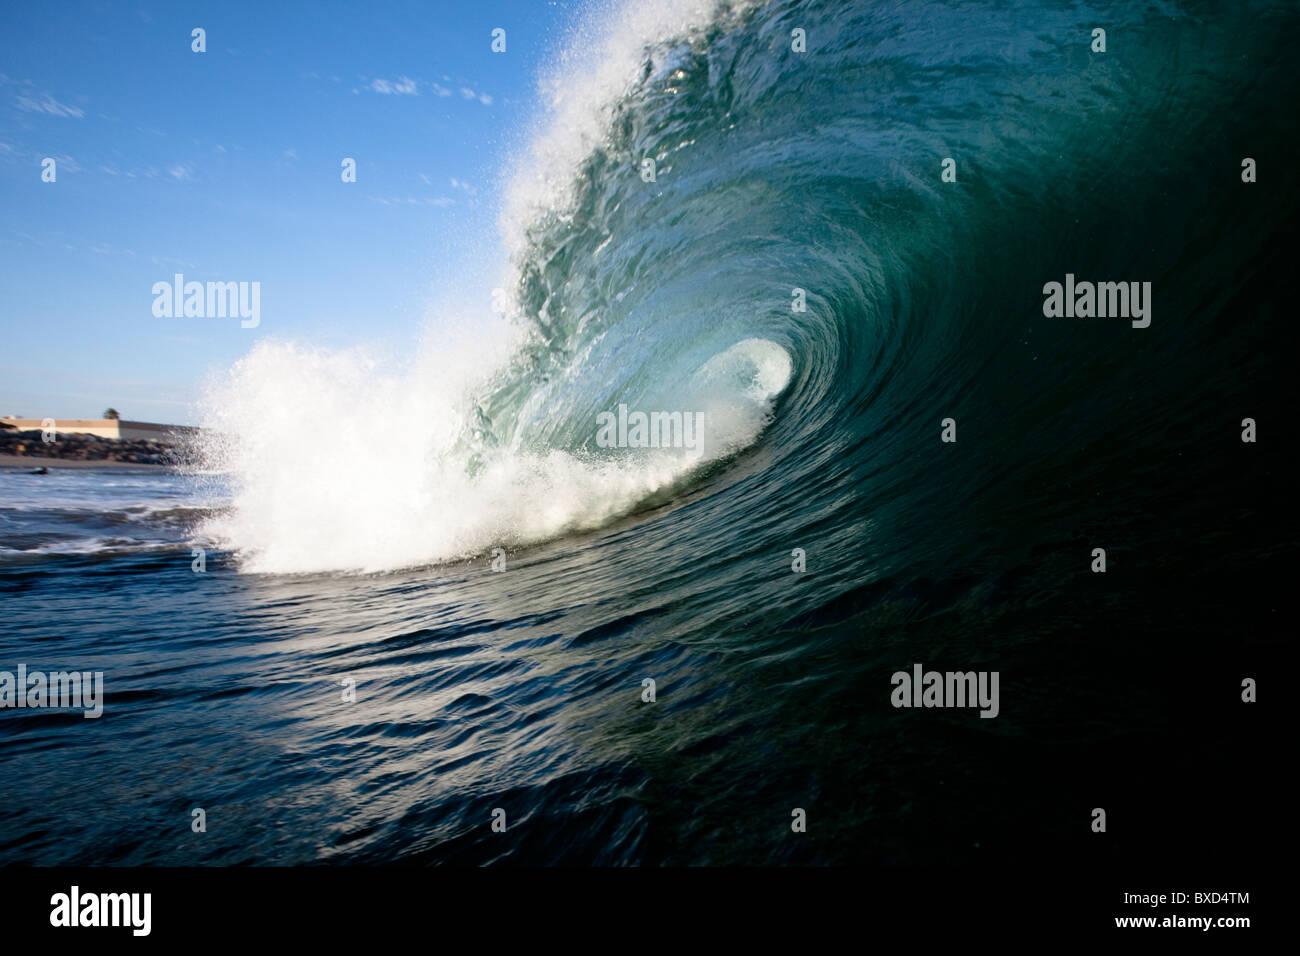 Eine große Welle bricht in Küstennähe. Stockbild